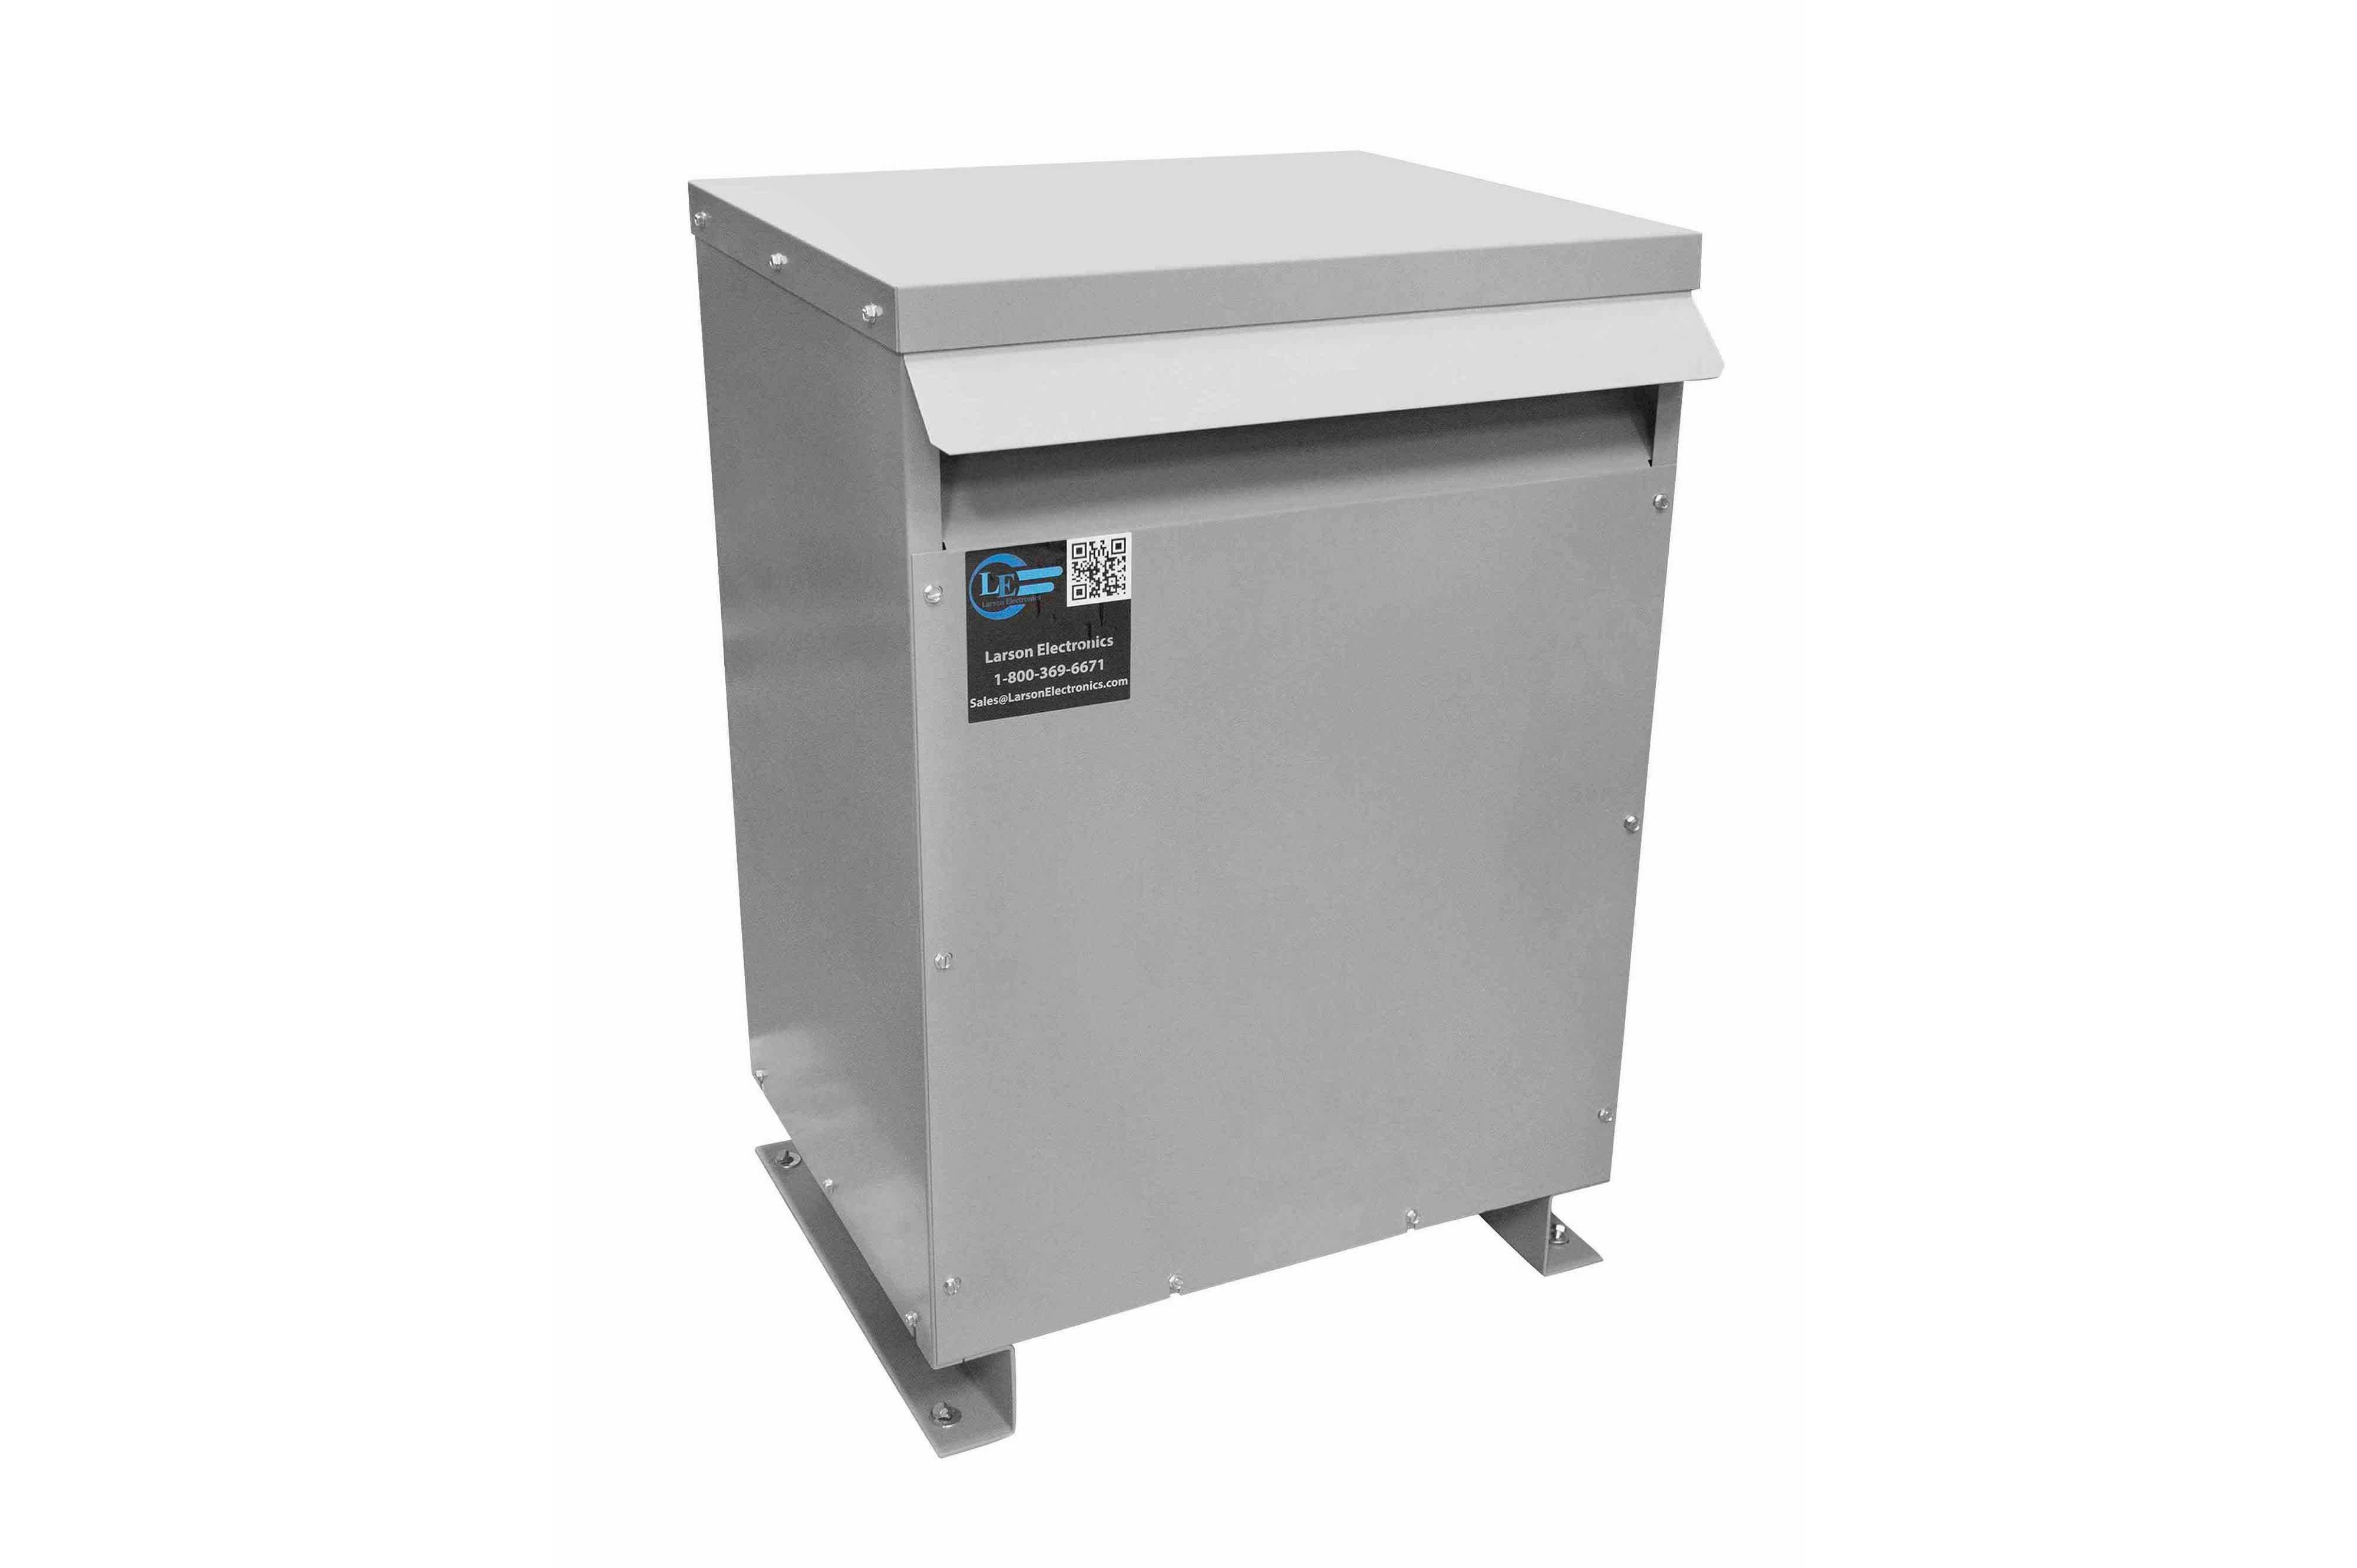 275 kVA 3PH Isolation Transformer, 480V Delta Primary, 600V Delta Secondary, N3R, Ventilated, 60 Hz